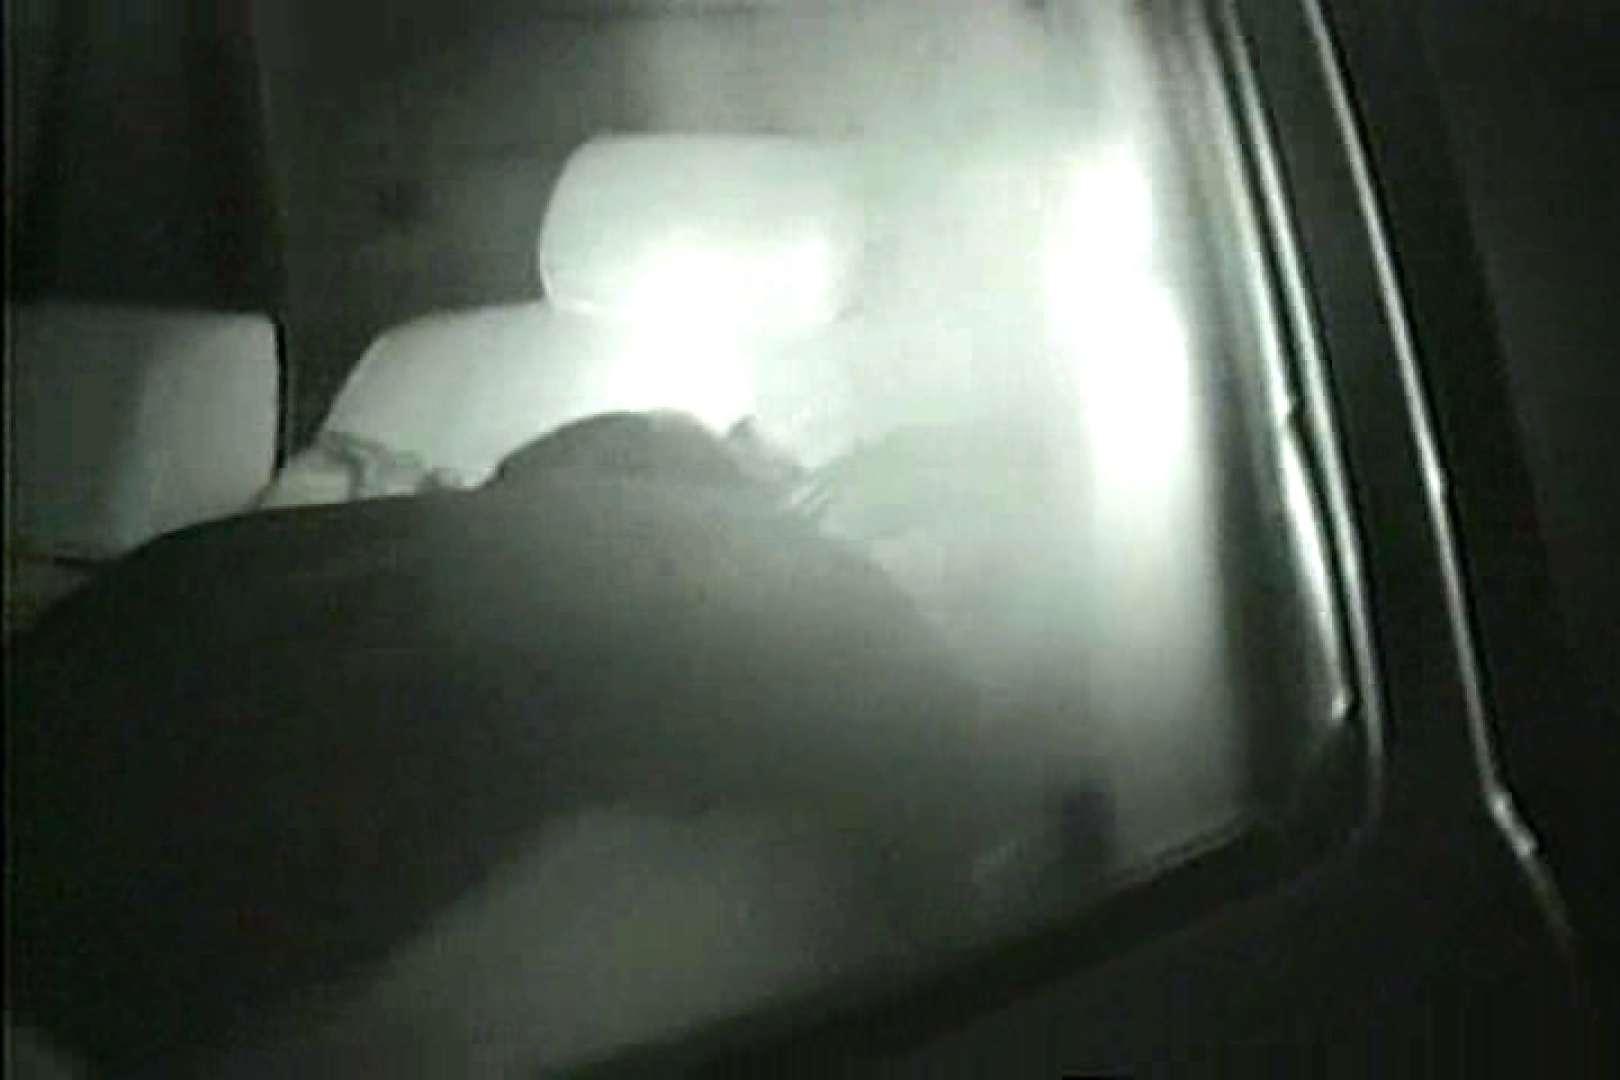 車の中はラブホテル 無修正版  Vol.10 美しいOLの裸体 ワレメ無修正動画無料 87pic 42